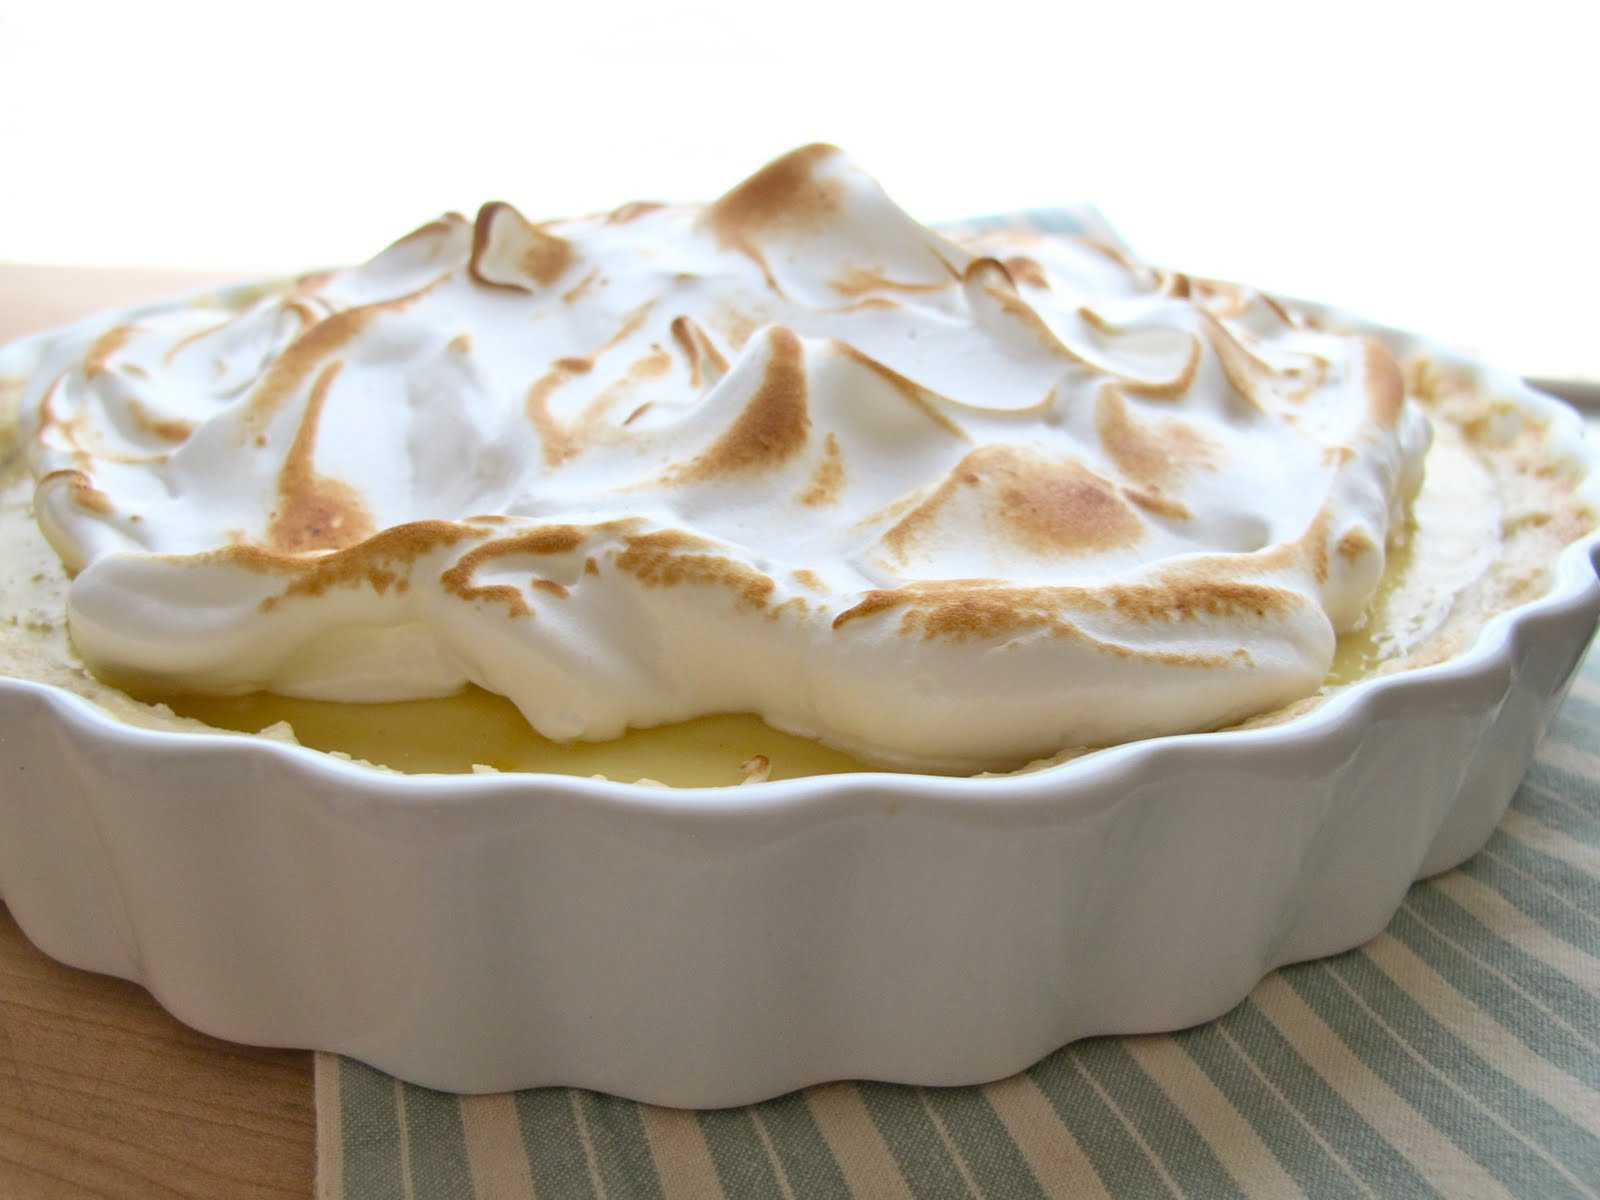 Lemon Easter Desserts  Jenny Steffens Hobick Easter Lemon Meringue Pie